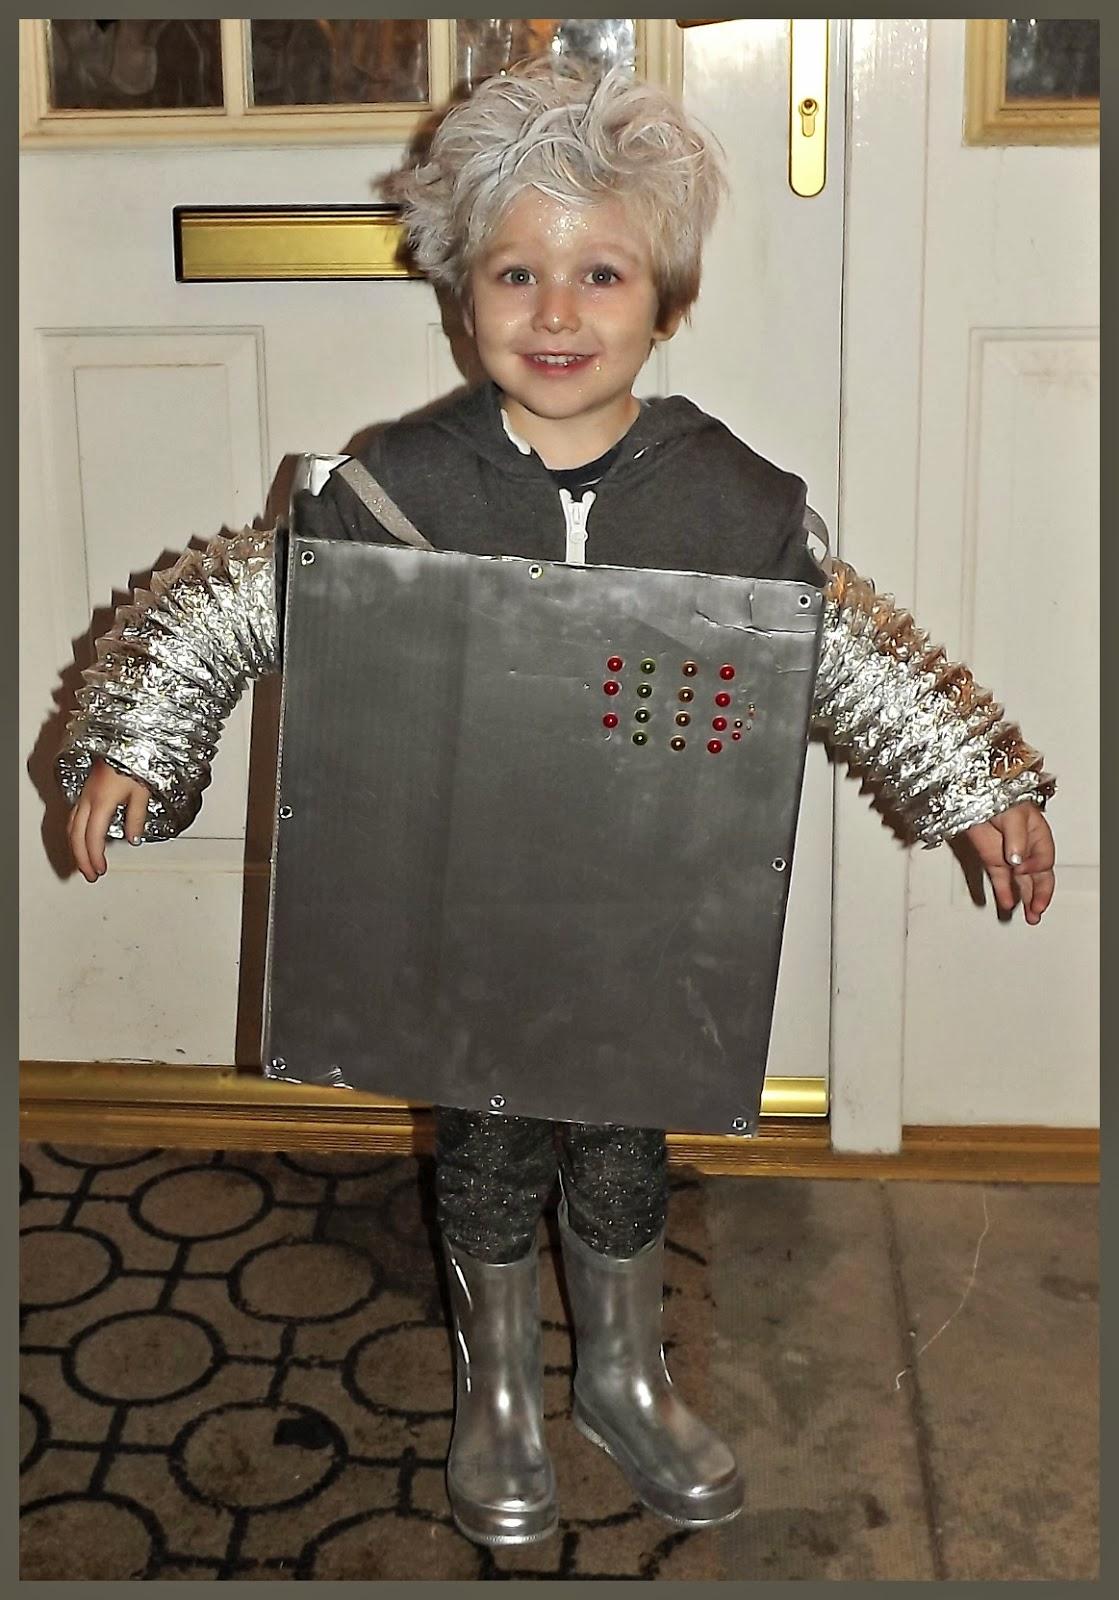 Robot Costume  sc 1 st  Transatlantic Blonde & Transatlantic Blonde: What I Wore Wednesday: Homemade Robot Costume